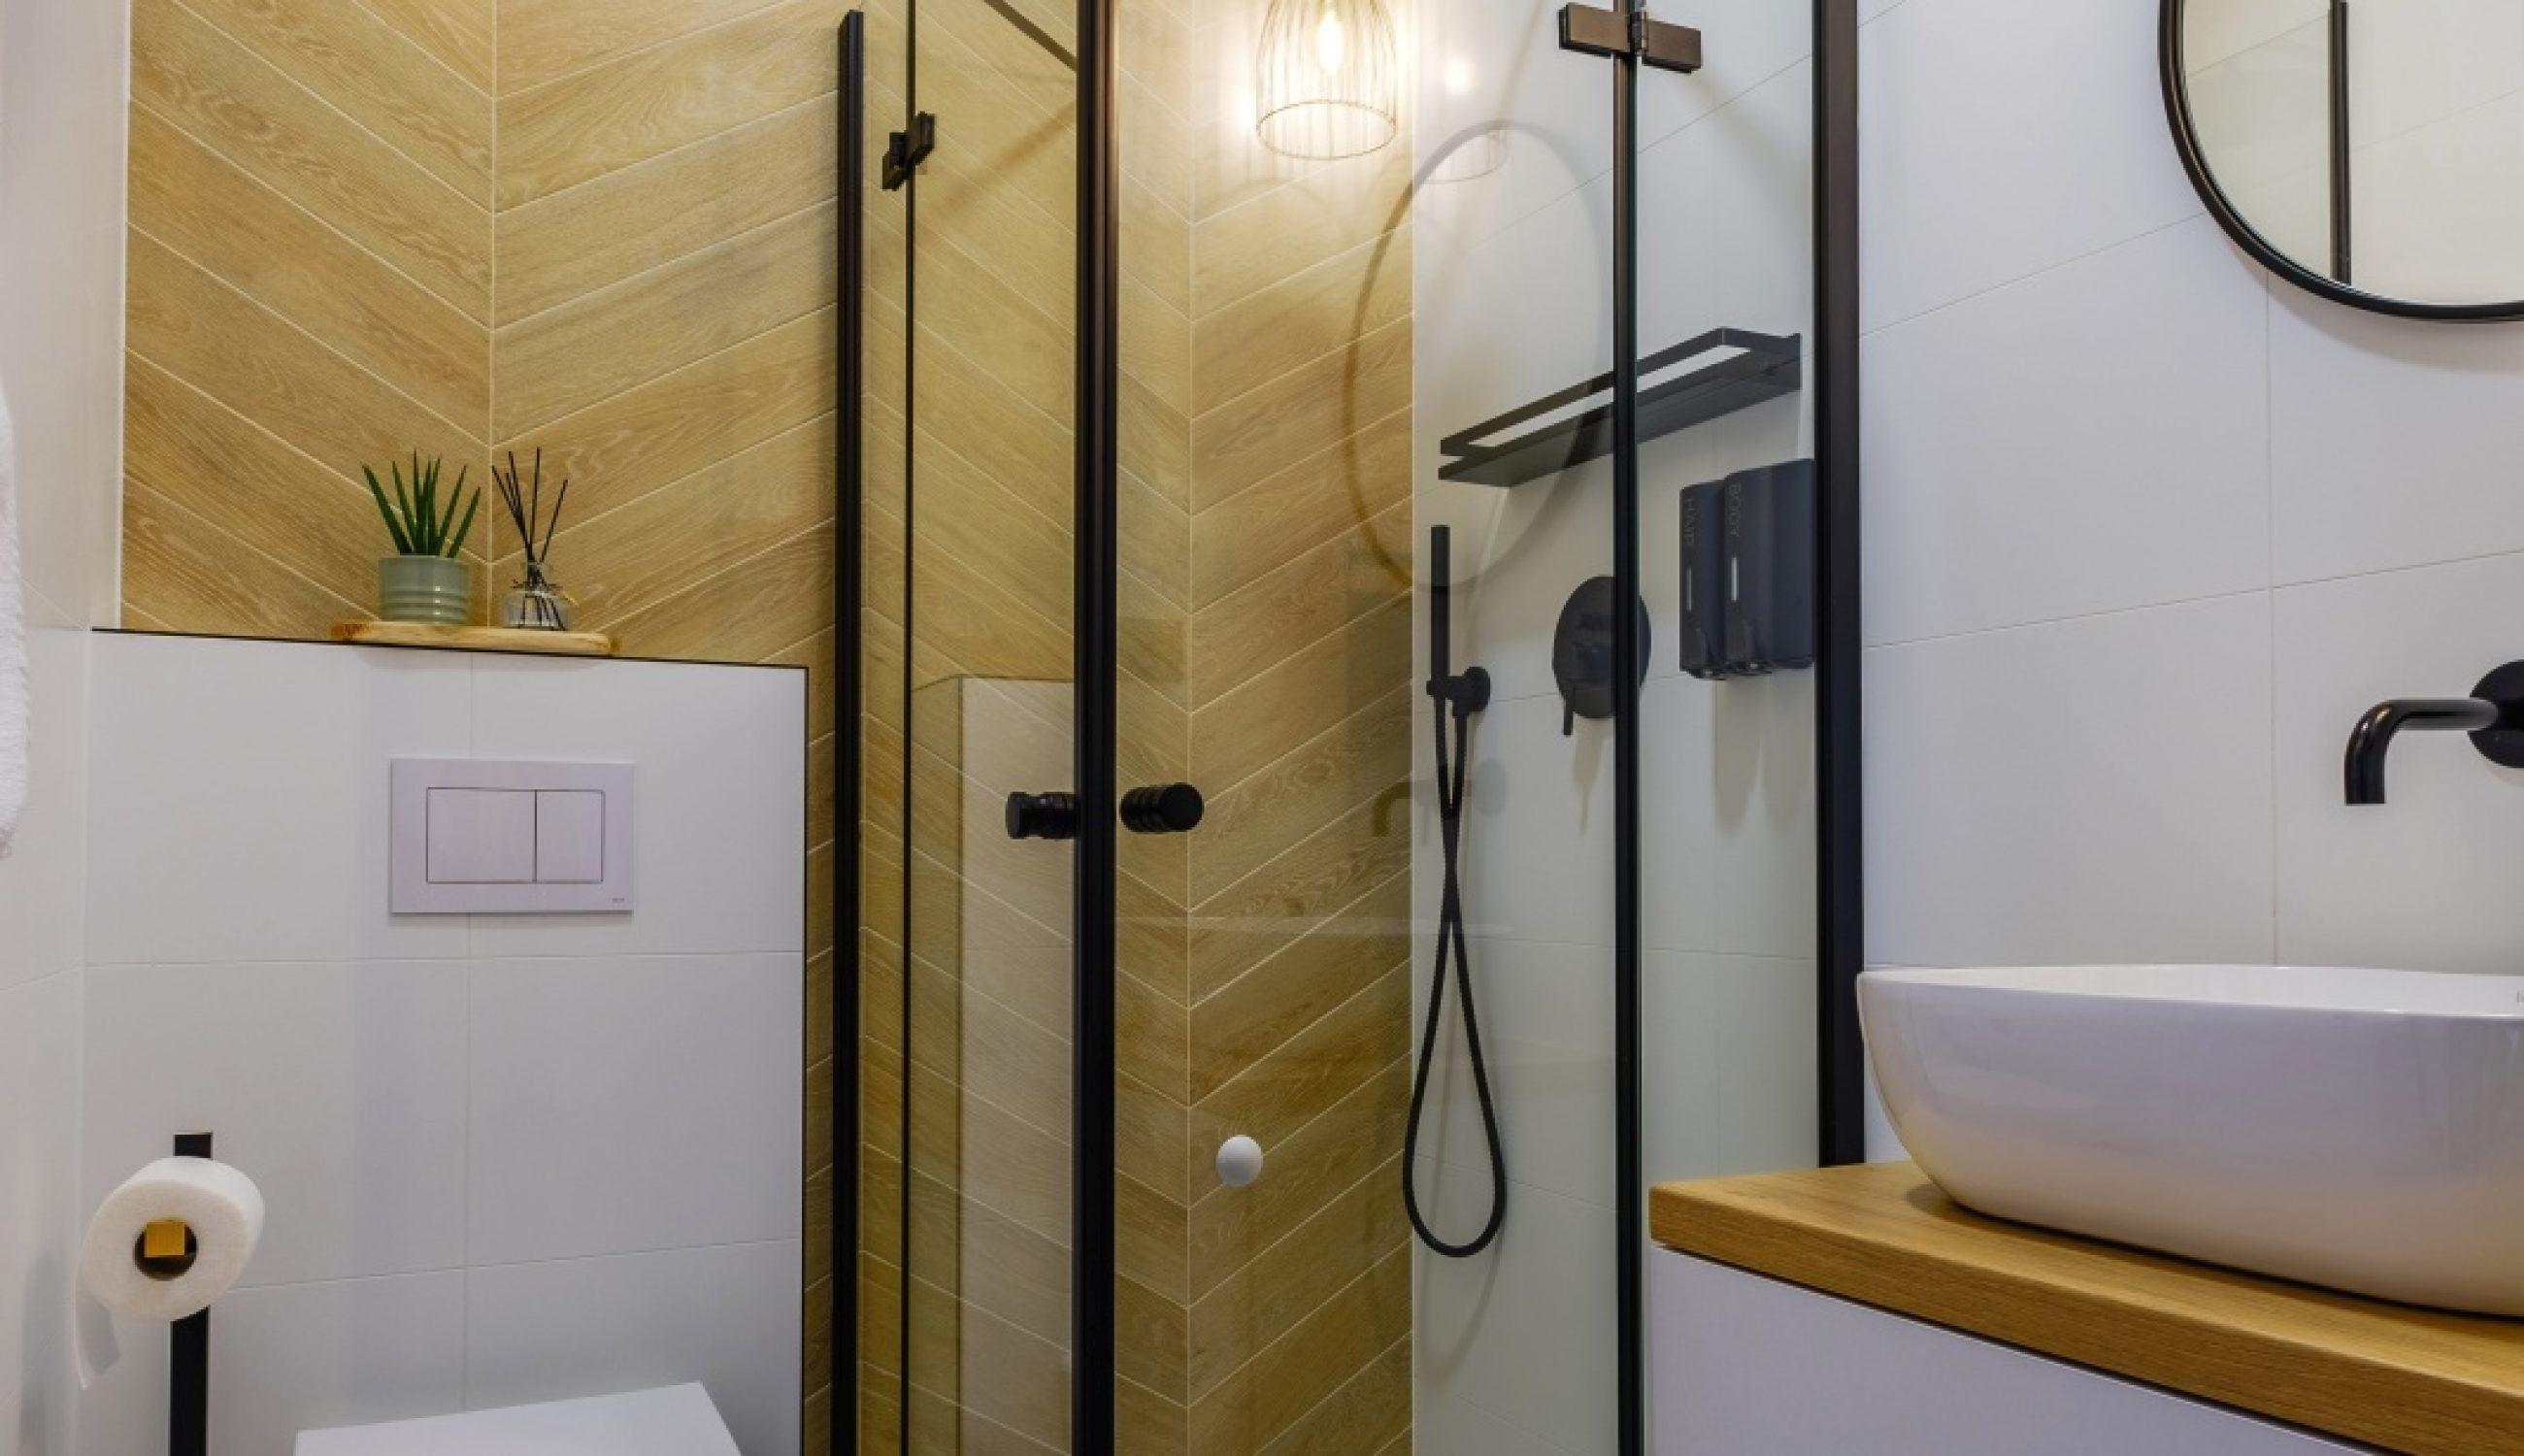 Apartamenty NOVA BIAŁKA Białka Tatrzańska apartament 5 łazienka prysznic